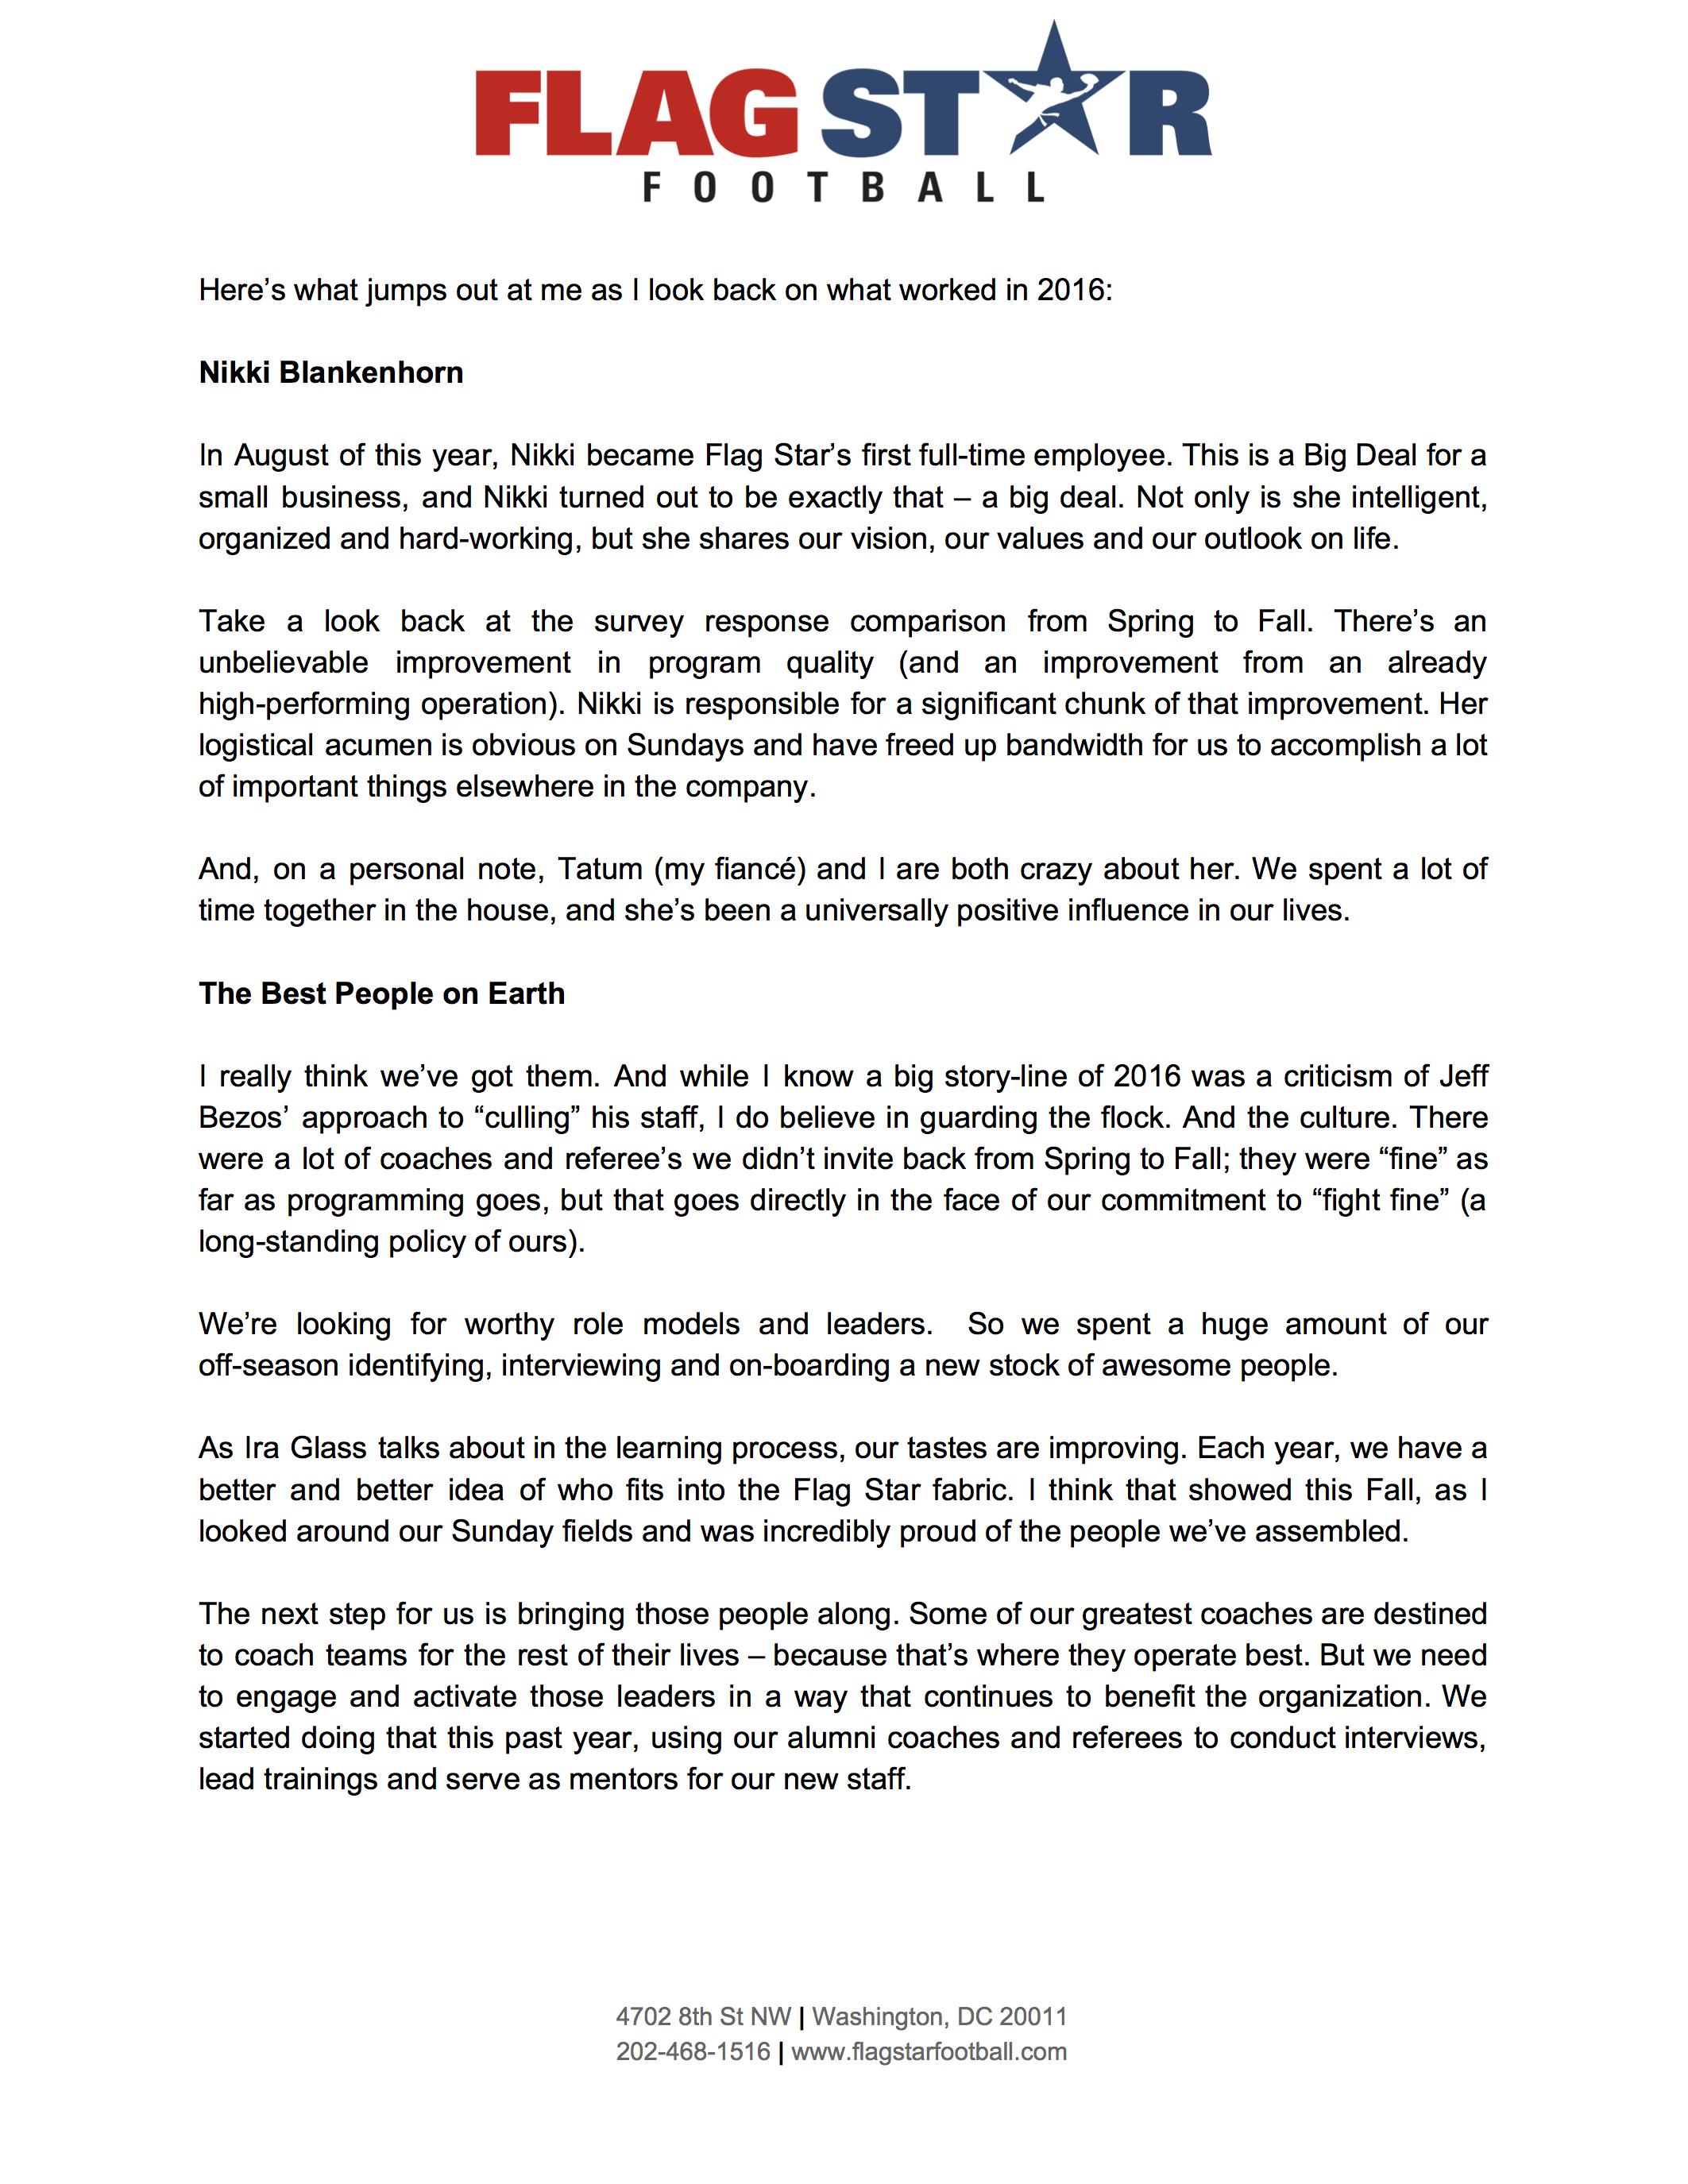 2016 Letter to Sharholders p2.jpg